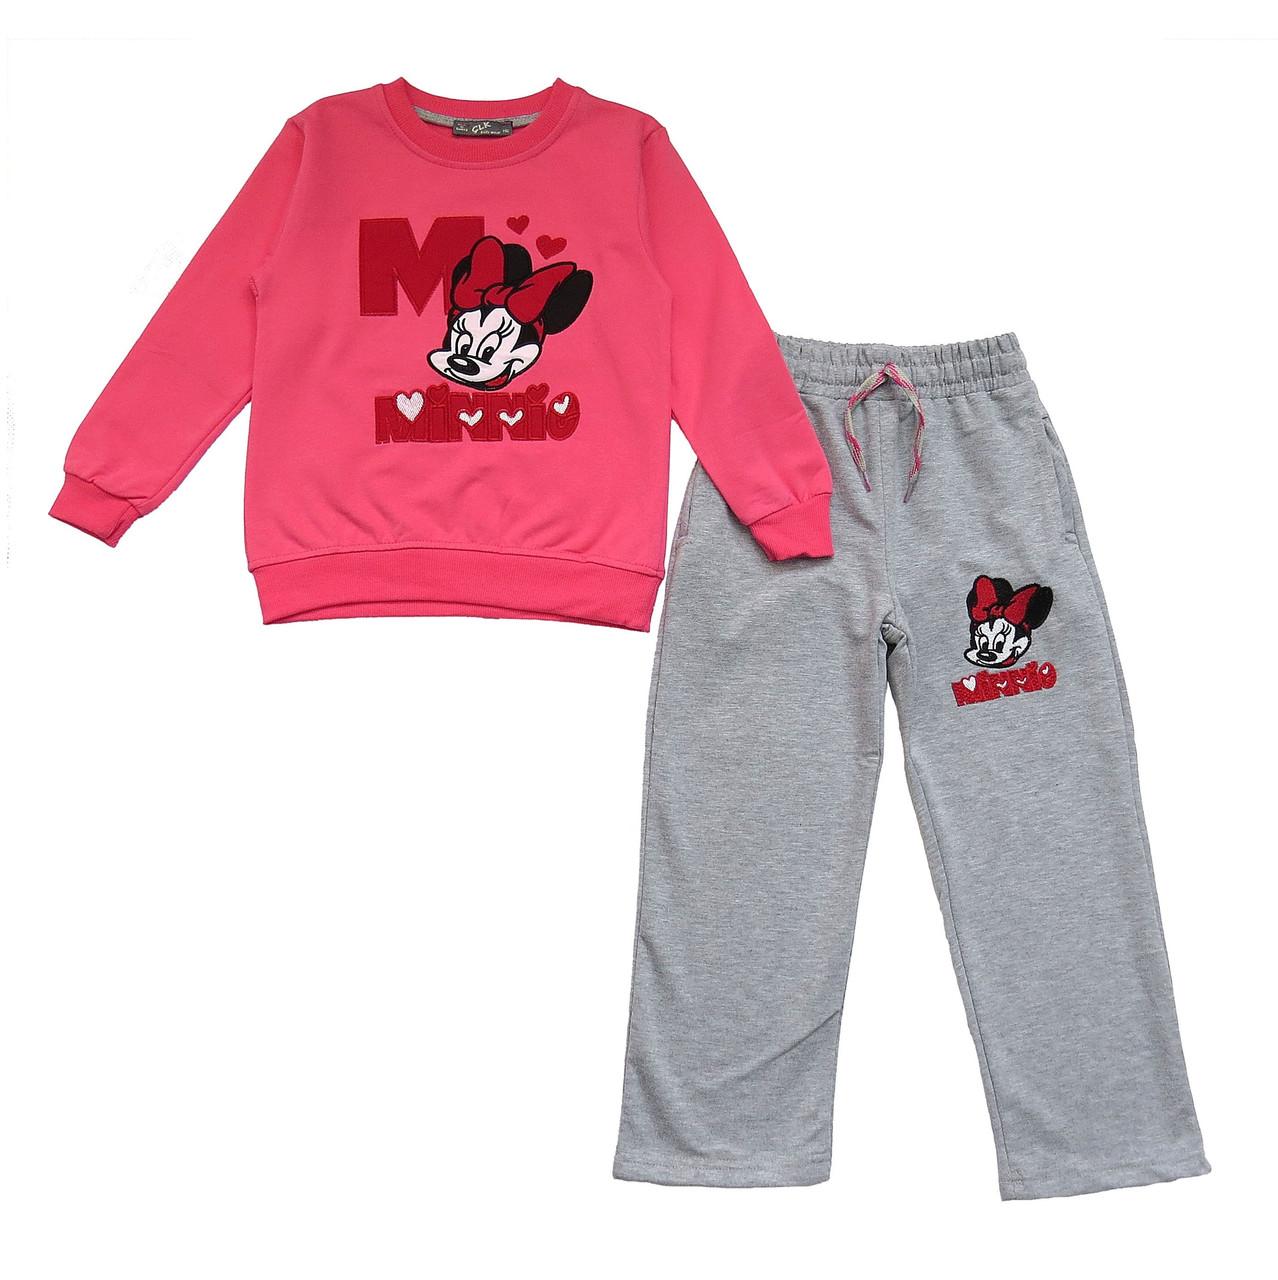 Костюм Minnie Mouse для девочки. 116, 128, 140, 152 см